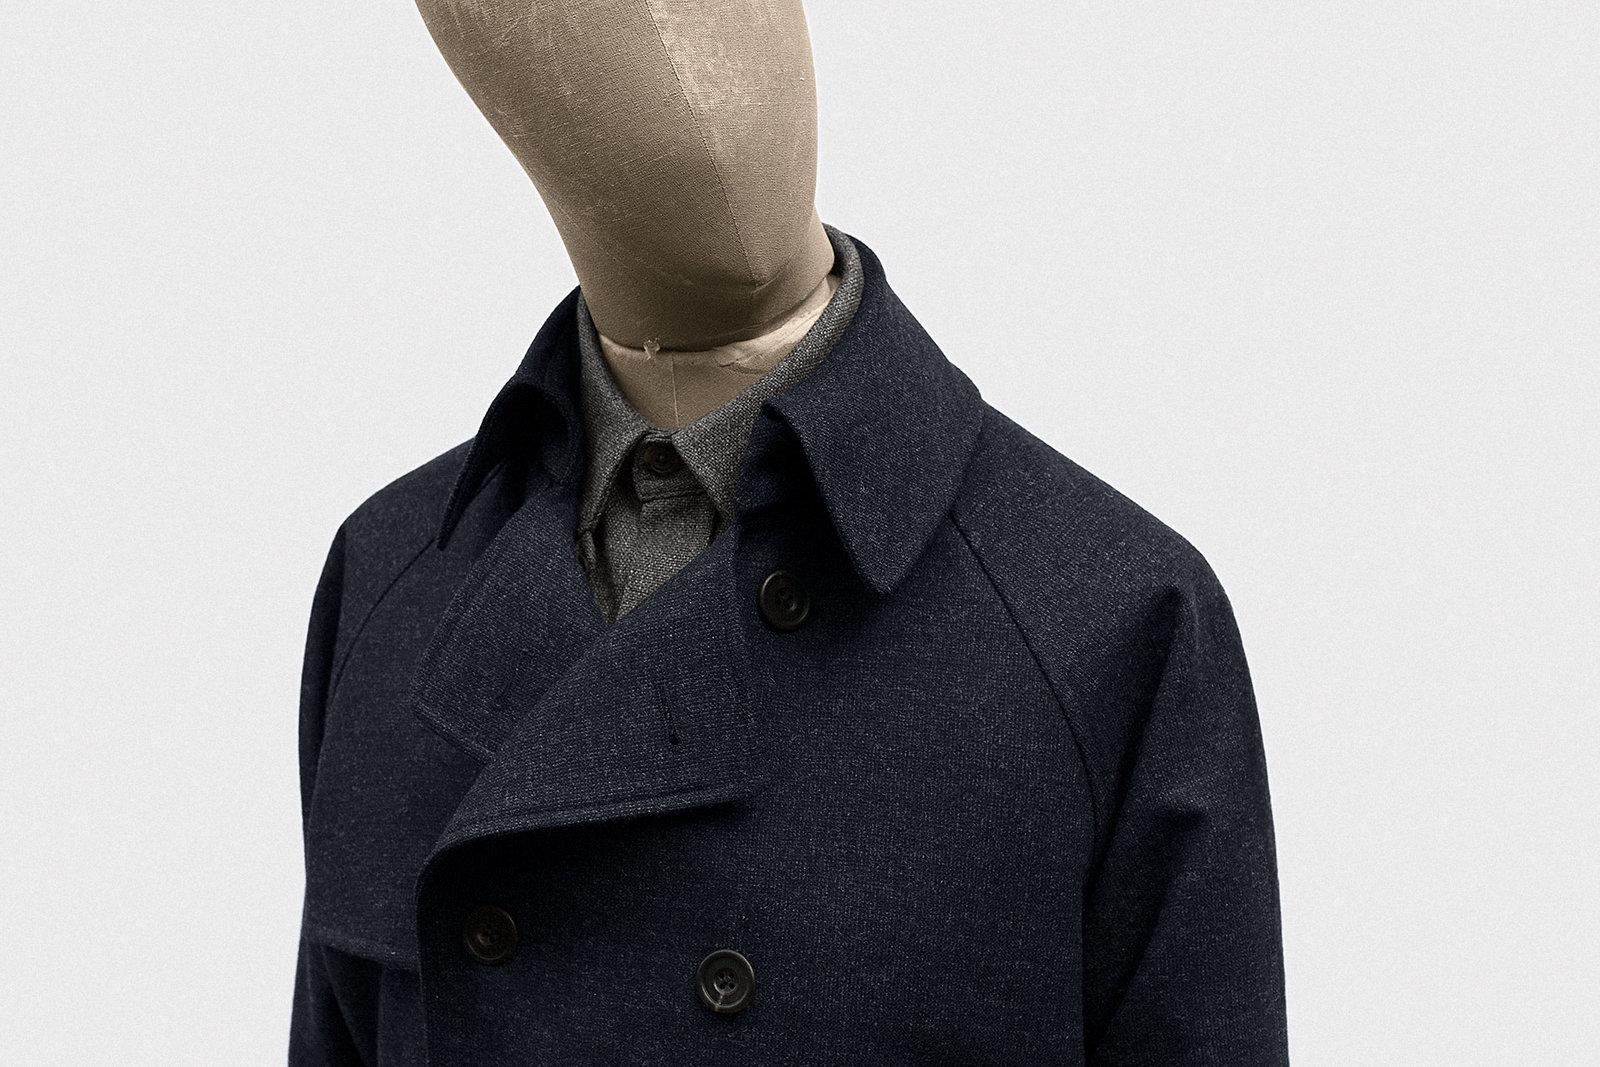 trench-coat-natte-tweed-dark-navy-3@2x.jpg